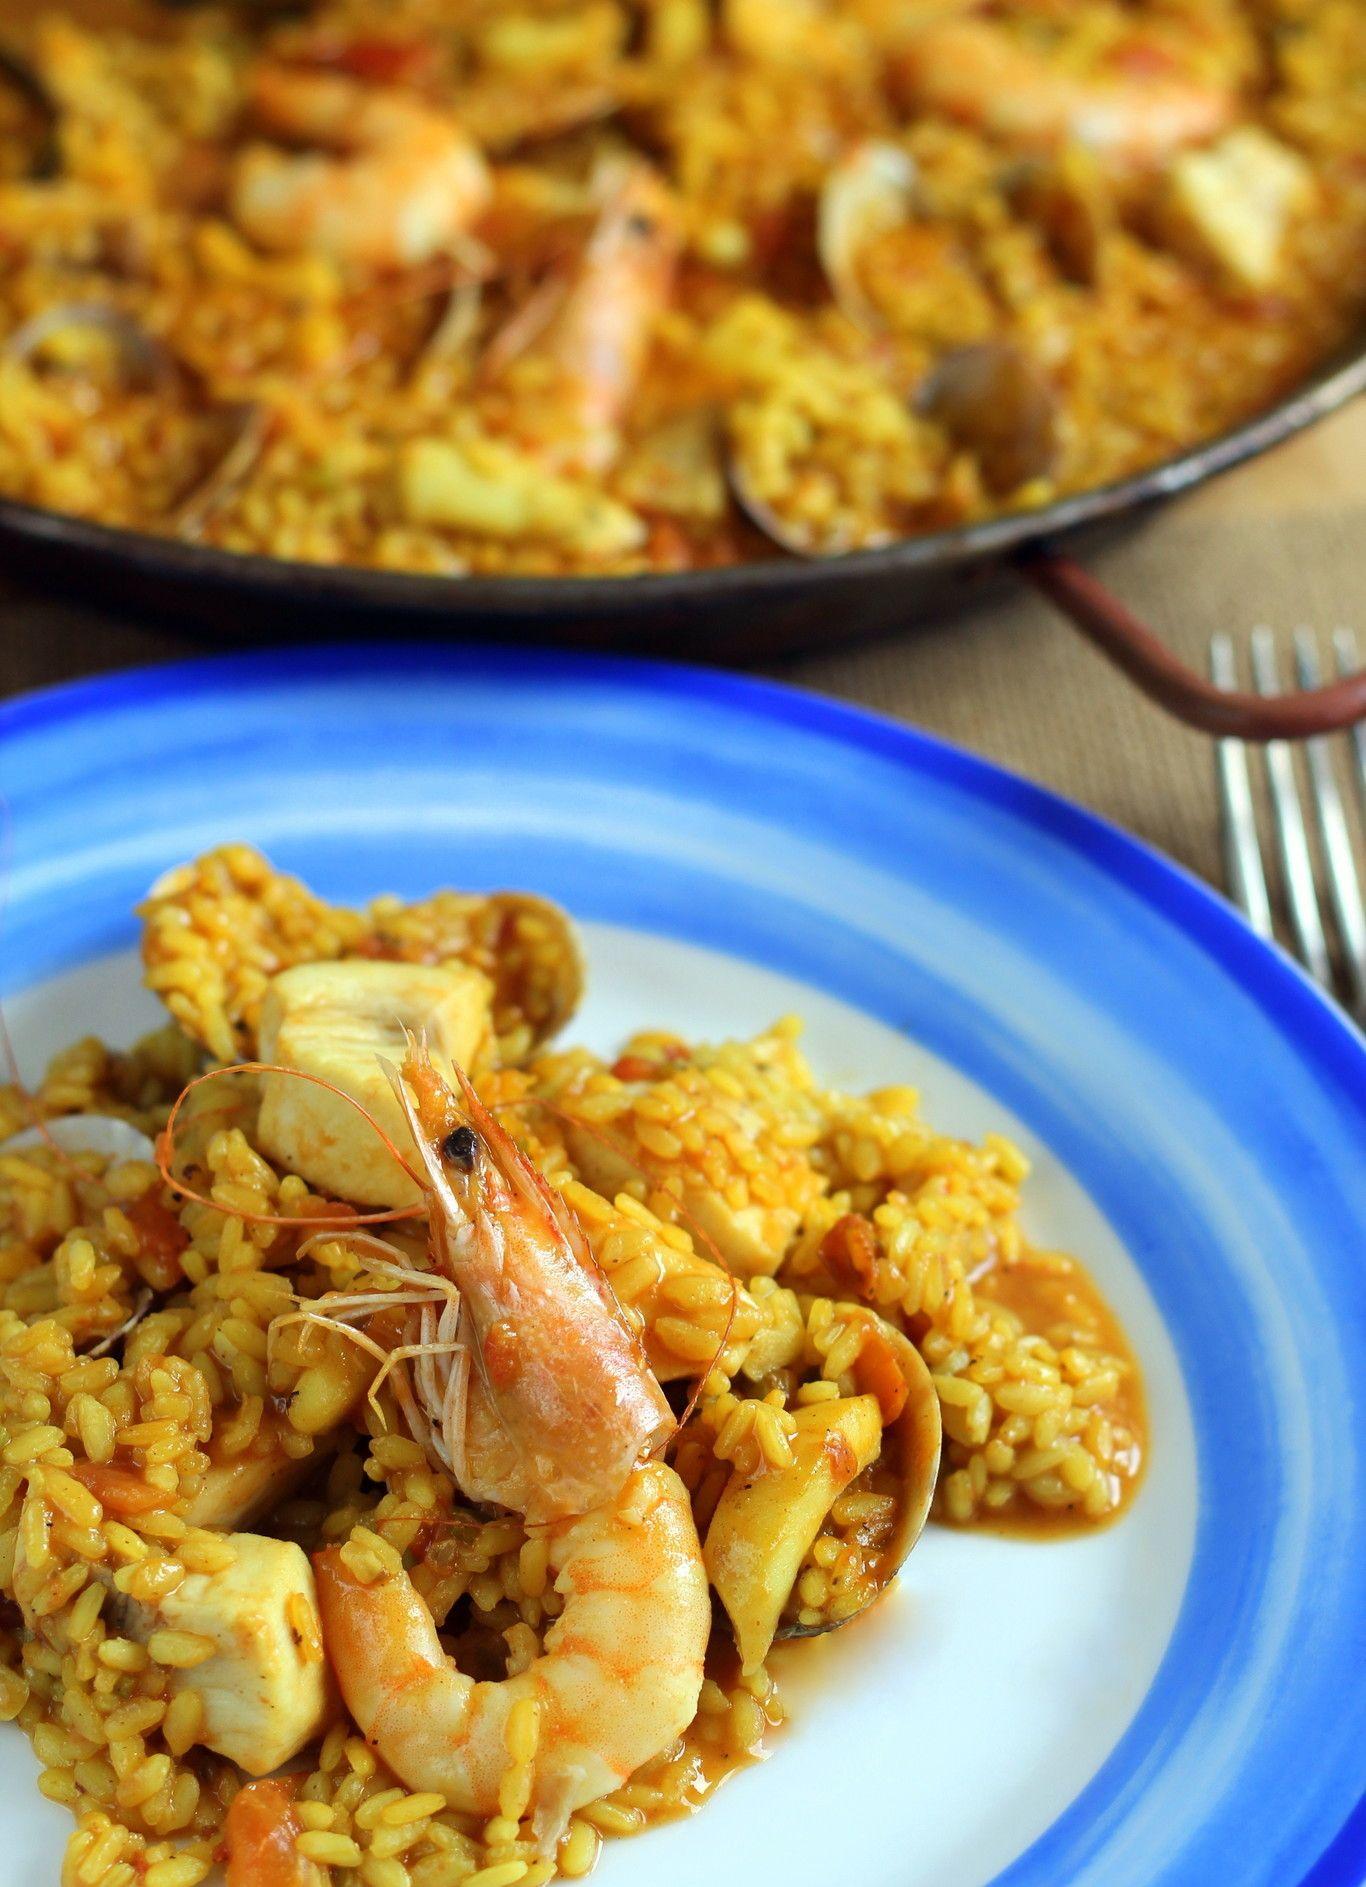 Siete Arroces Para Triunfar Cocinando El Domingo Paella Facil Receta De Paella Facil Paellas Receta